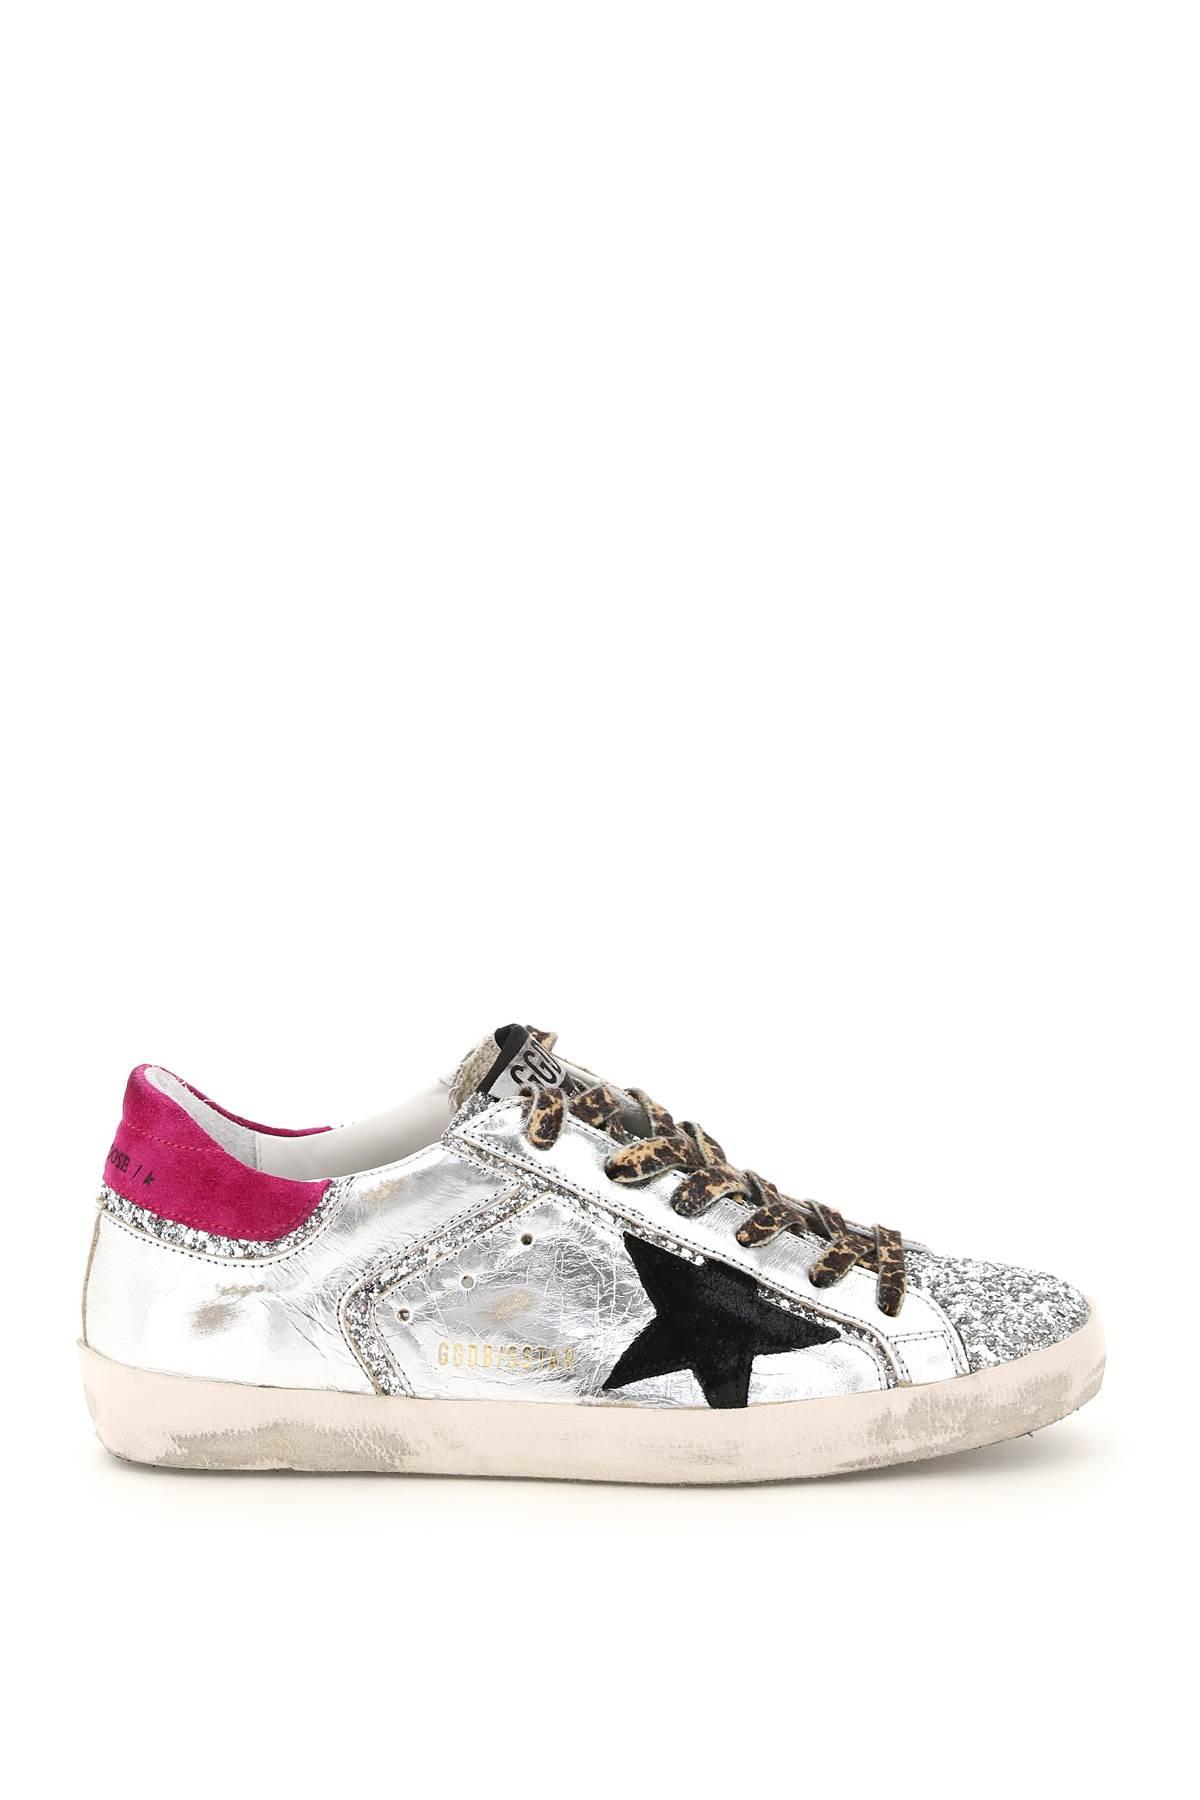 Golden Goose Glitter Super-star Sneakers